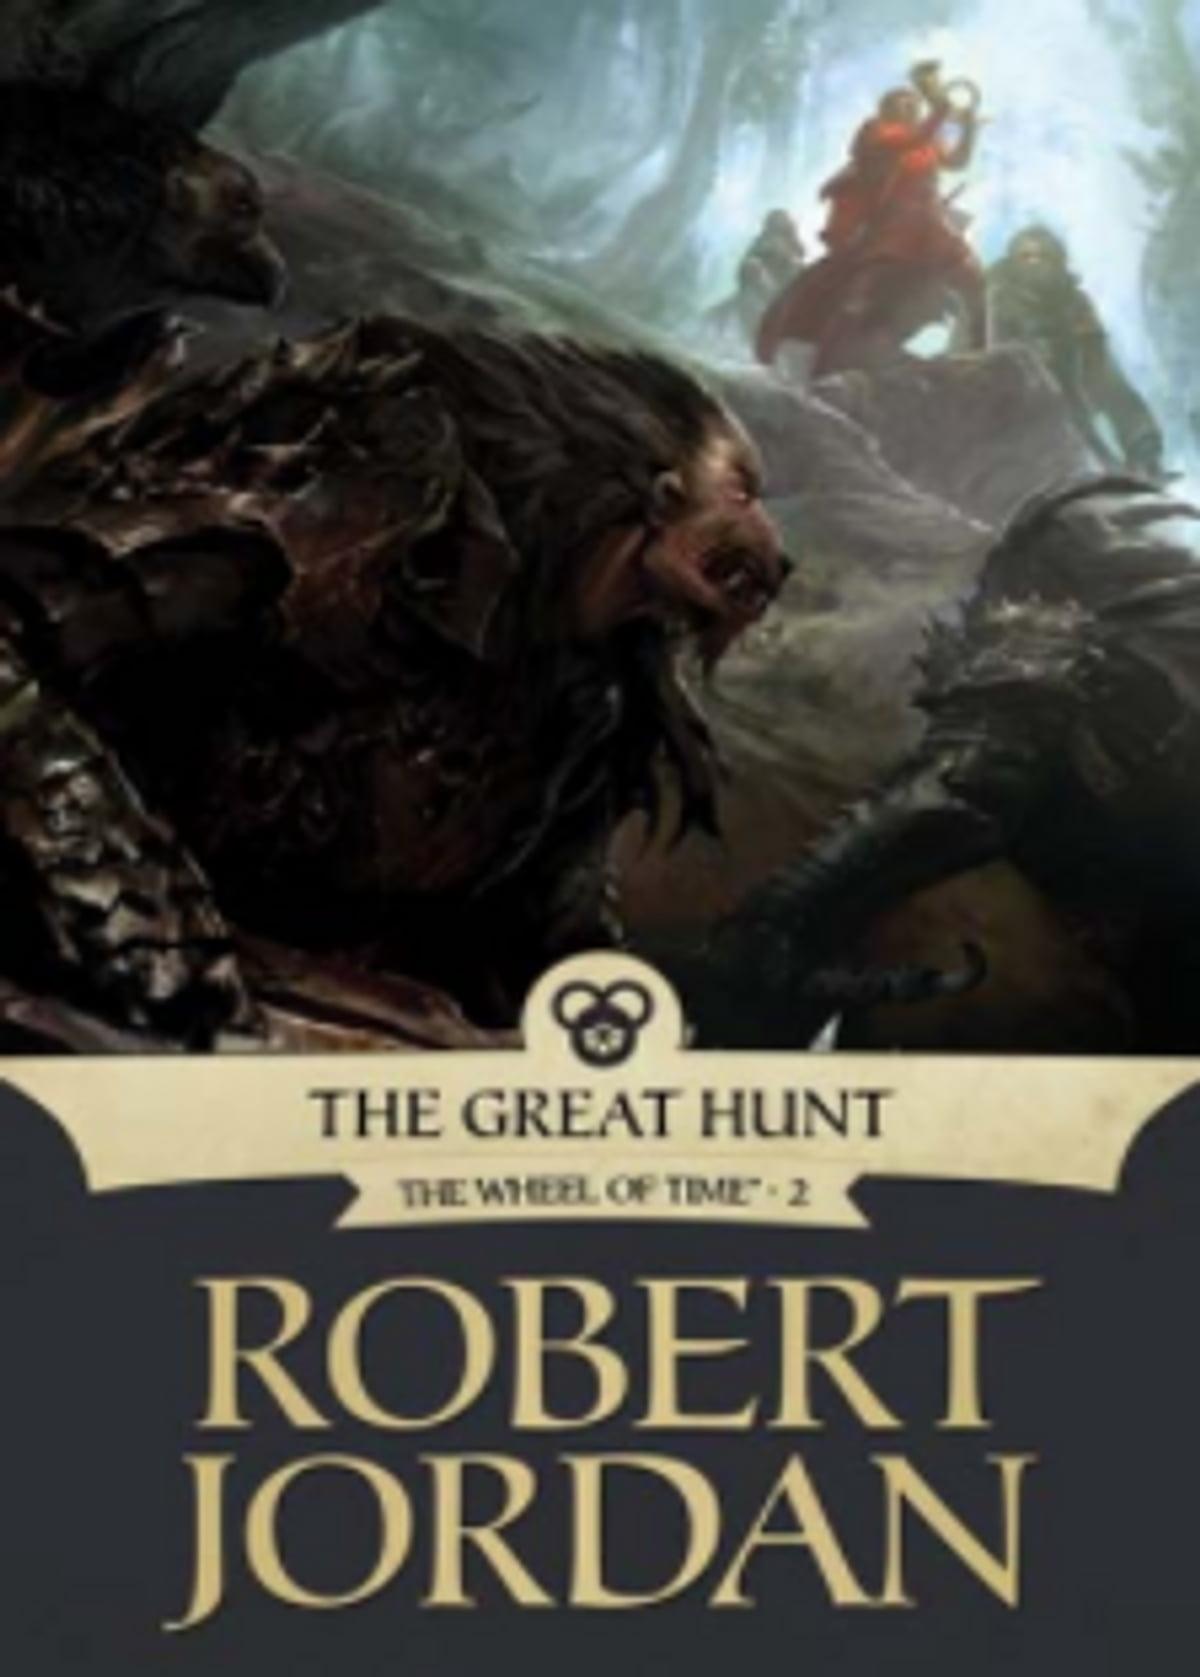 The Great Hunt Robert Jordan : great, robert, jordan, Great, EBook, Robert, Jordan, 1230003749128, Rakuten, United, States